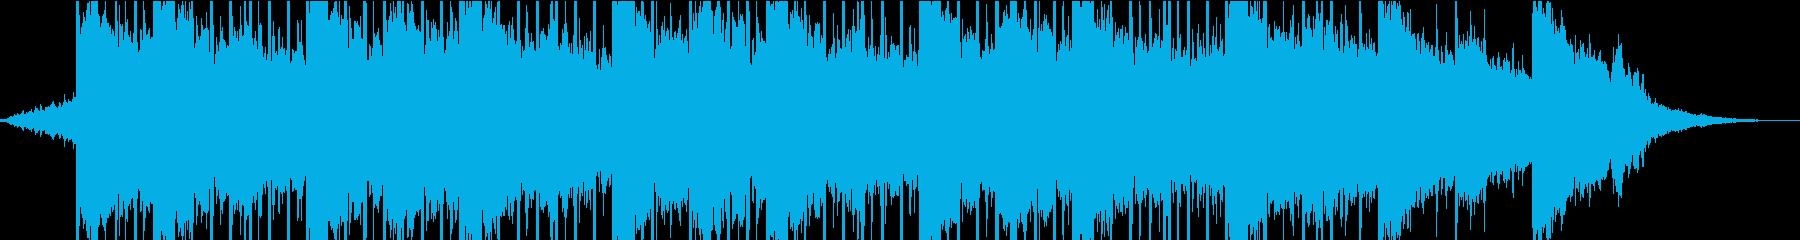 モダン テクノ テクノロジー お祭...の再生済みの波形